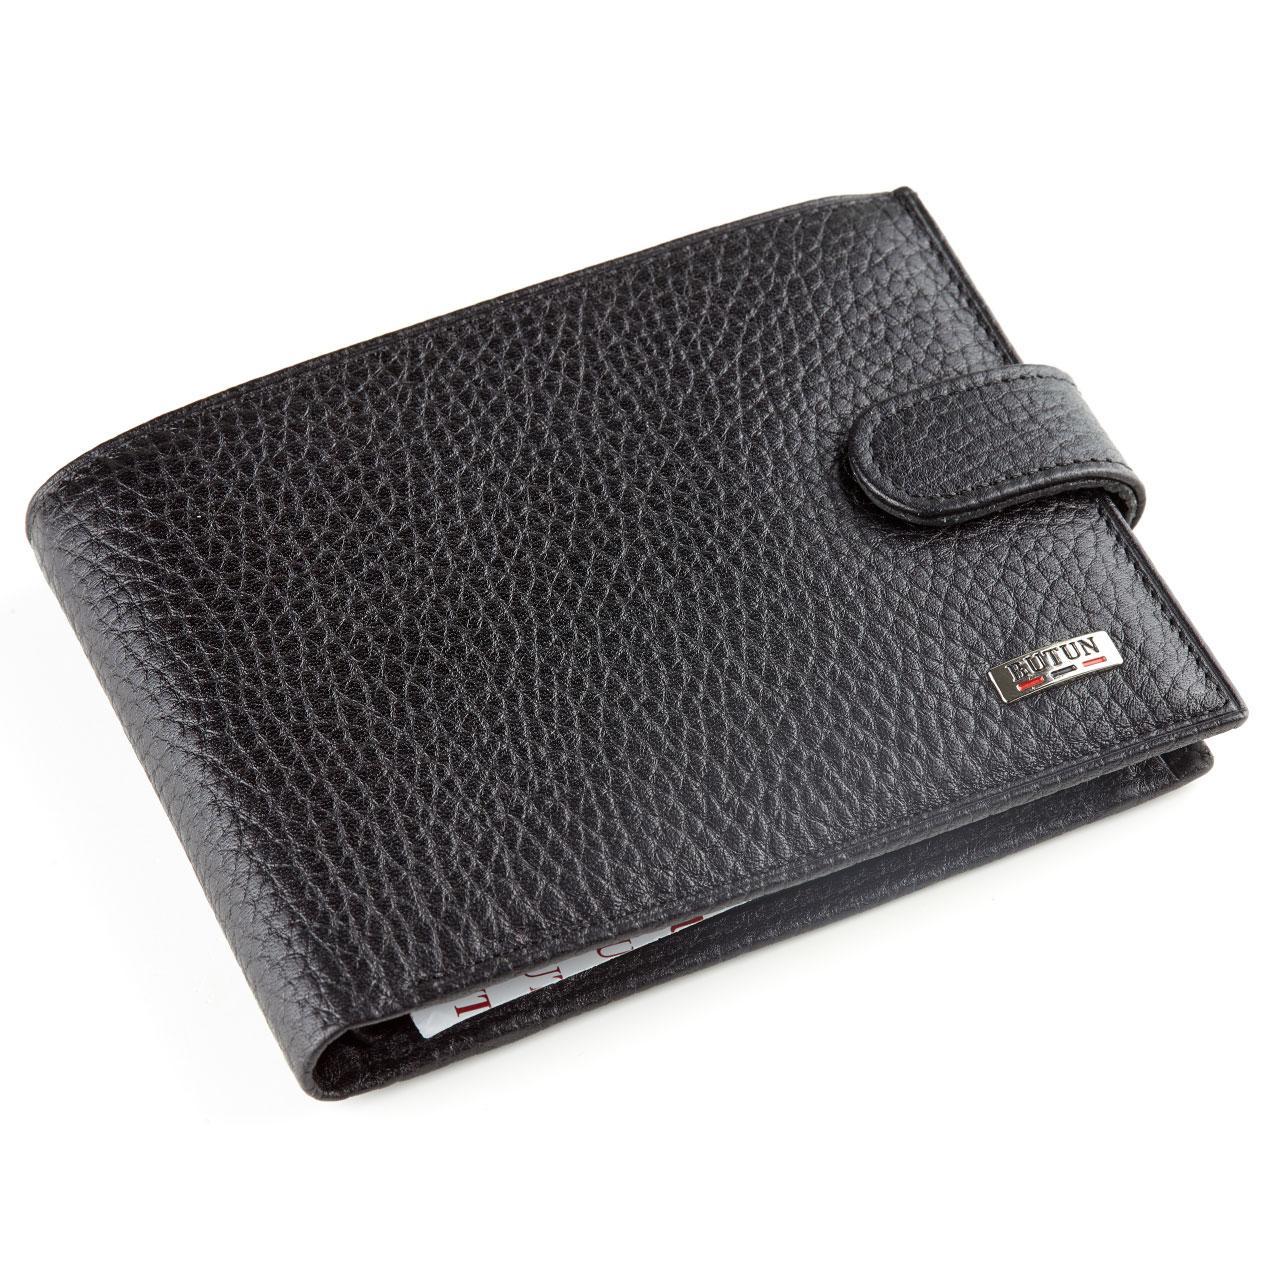 Чоловічий гаманець Butun 208-004-001 шкіряний чорний